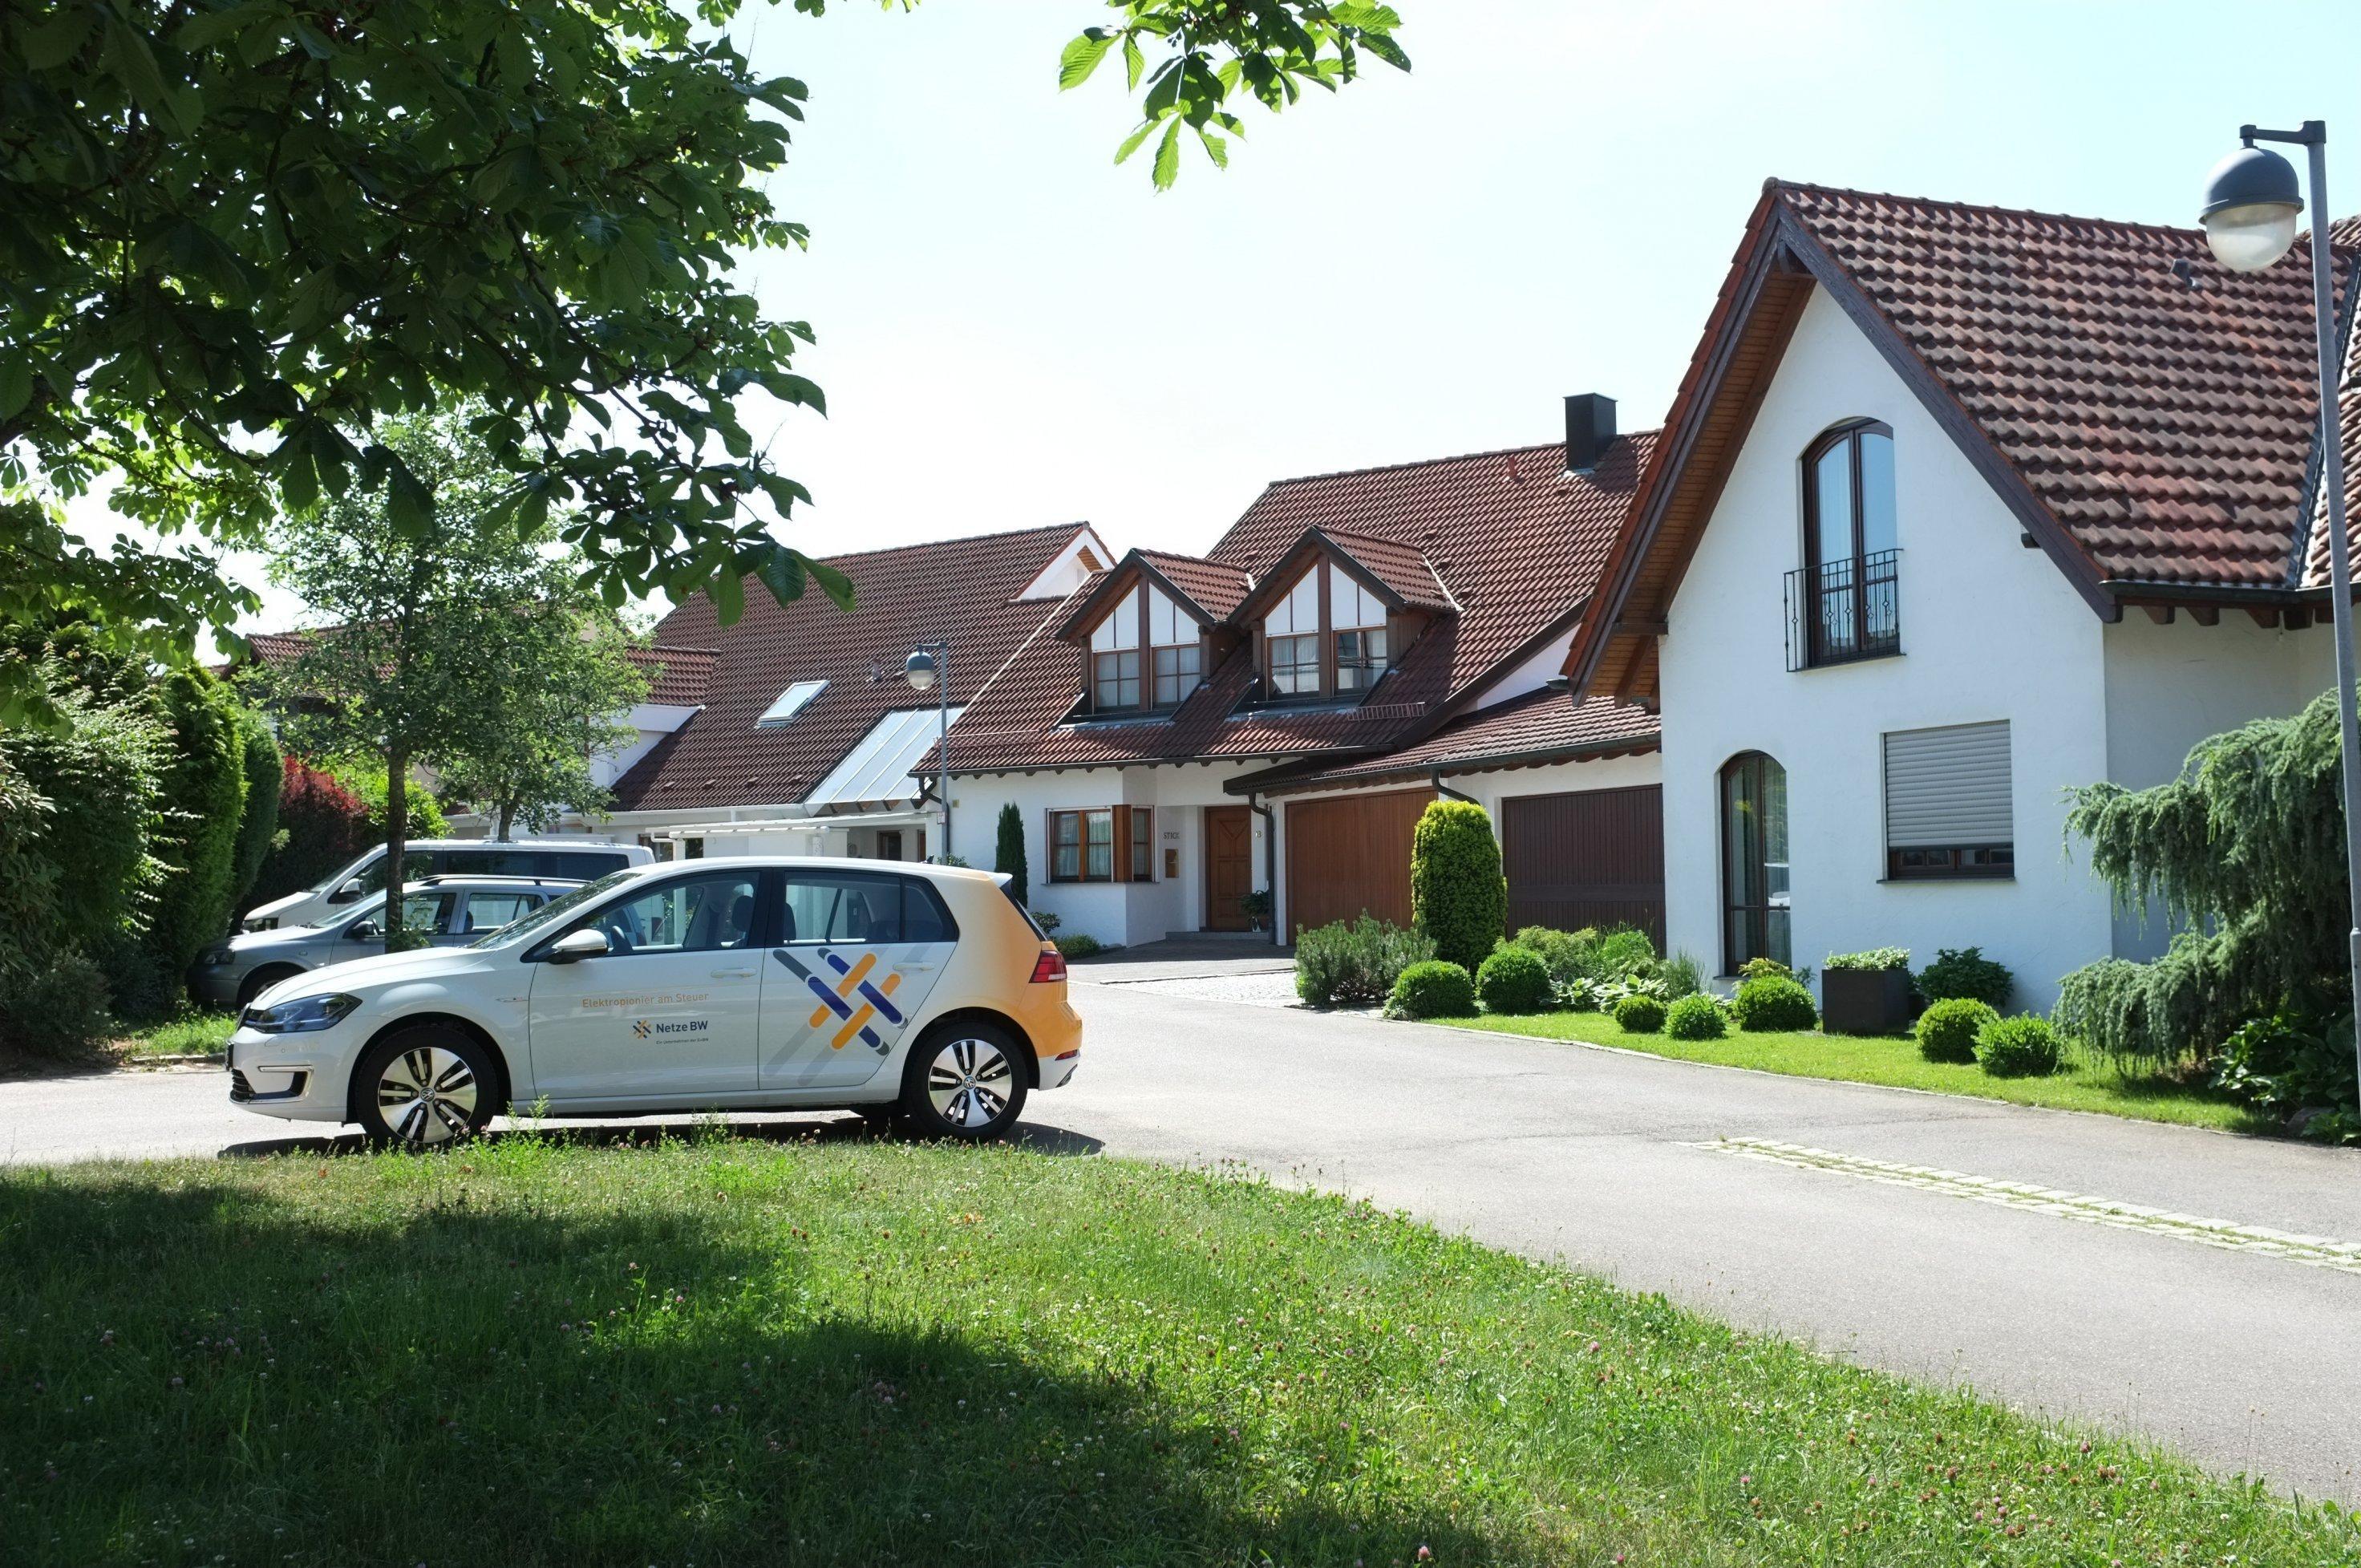 Straße mit Einfamilienhäusern uns E-Autos.